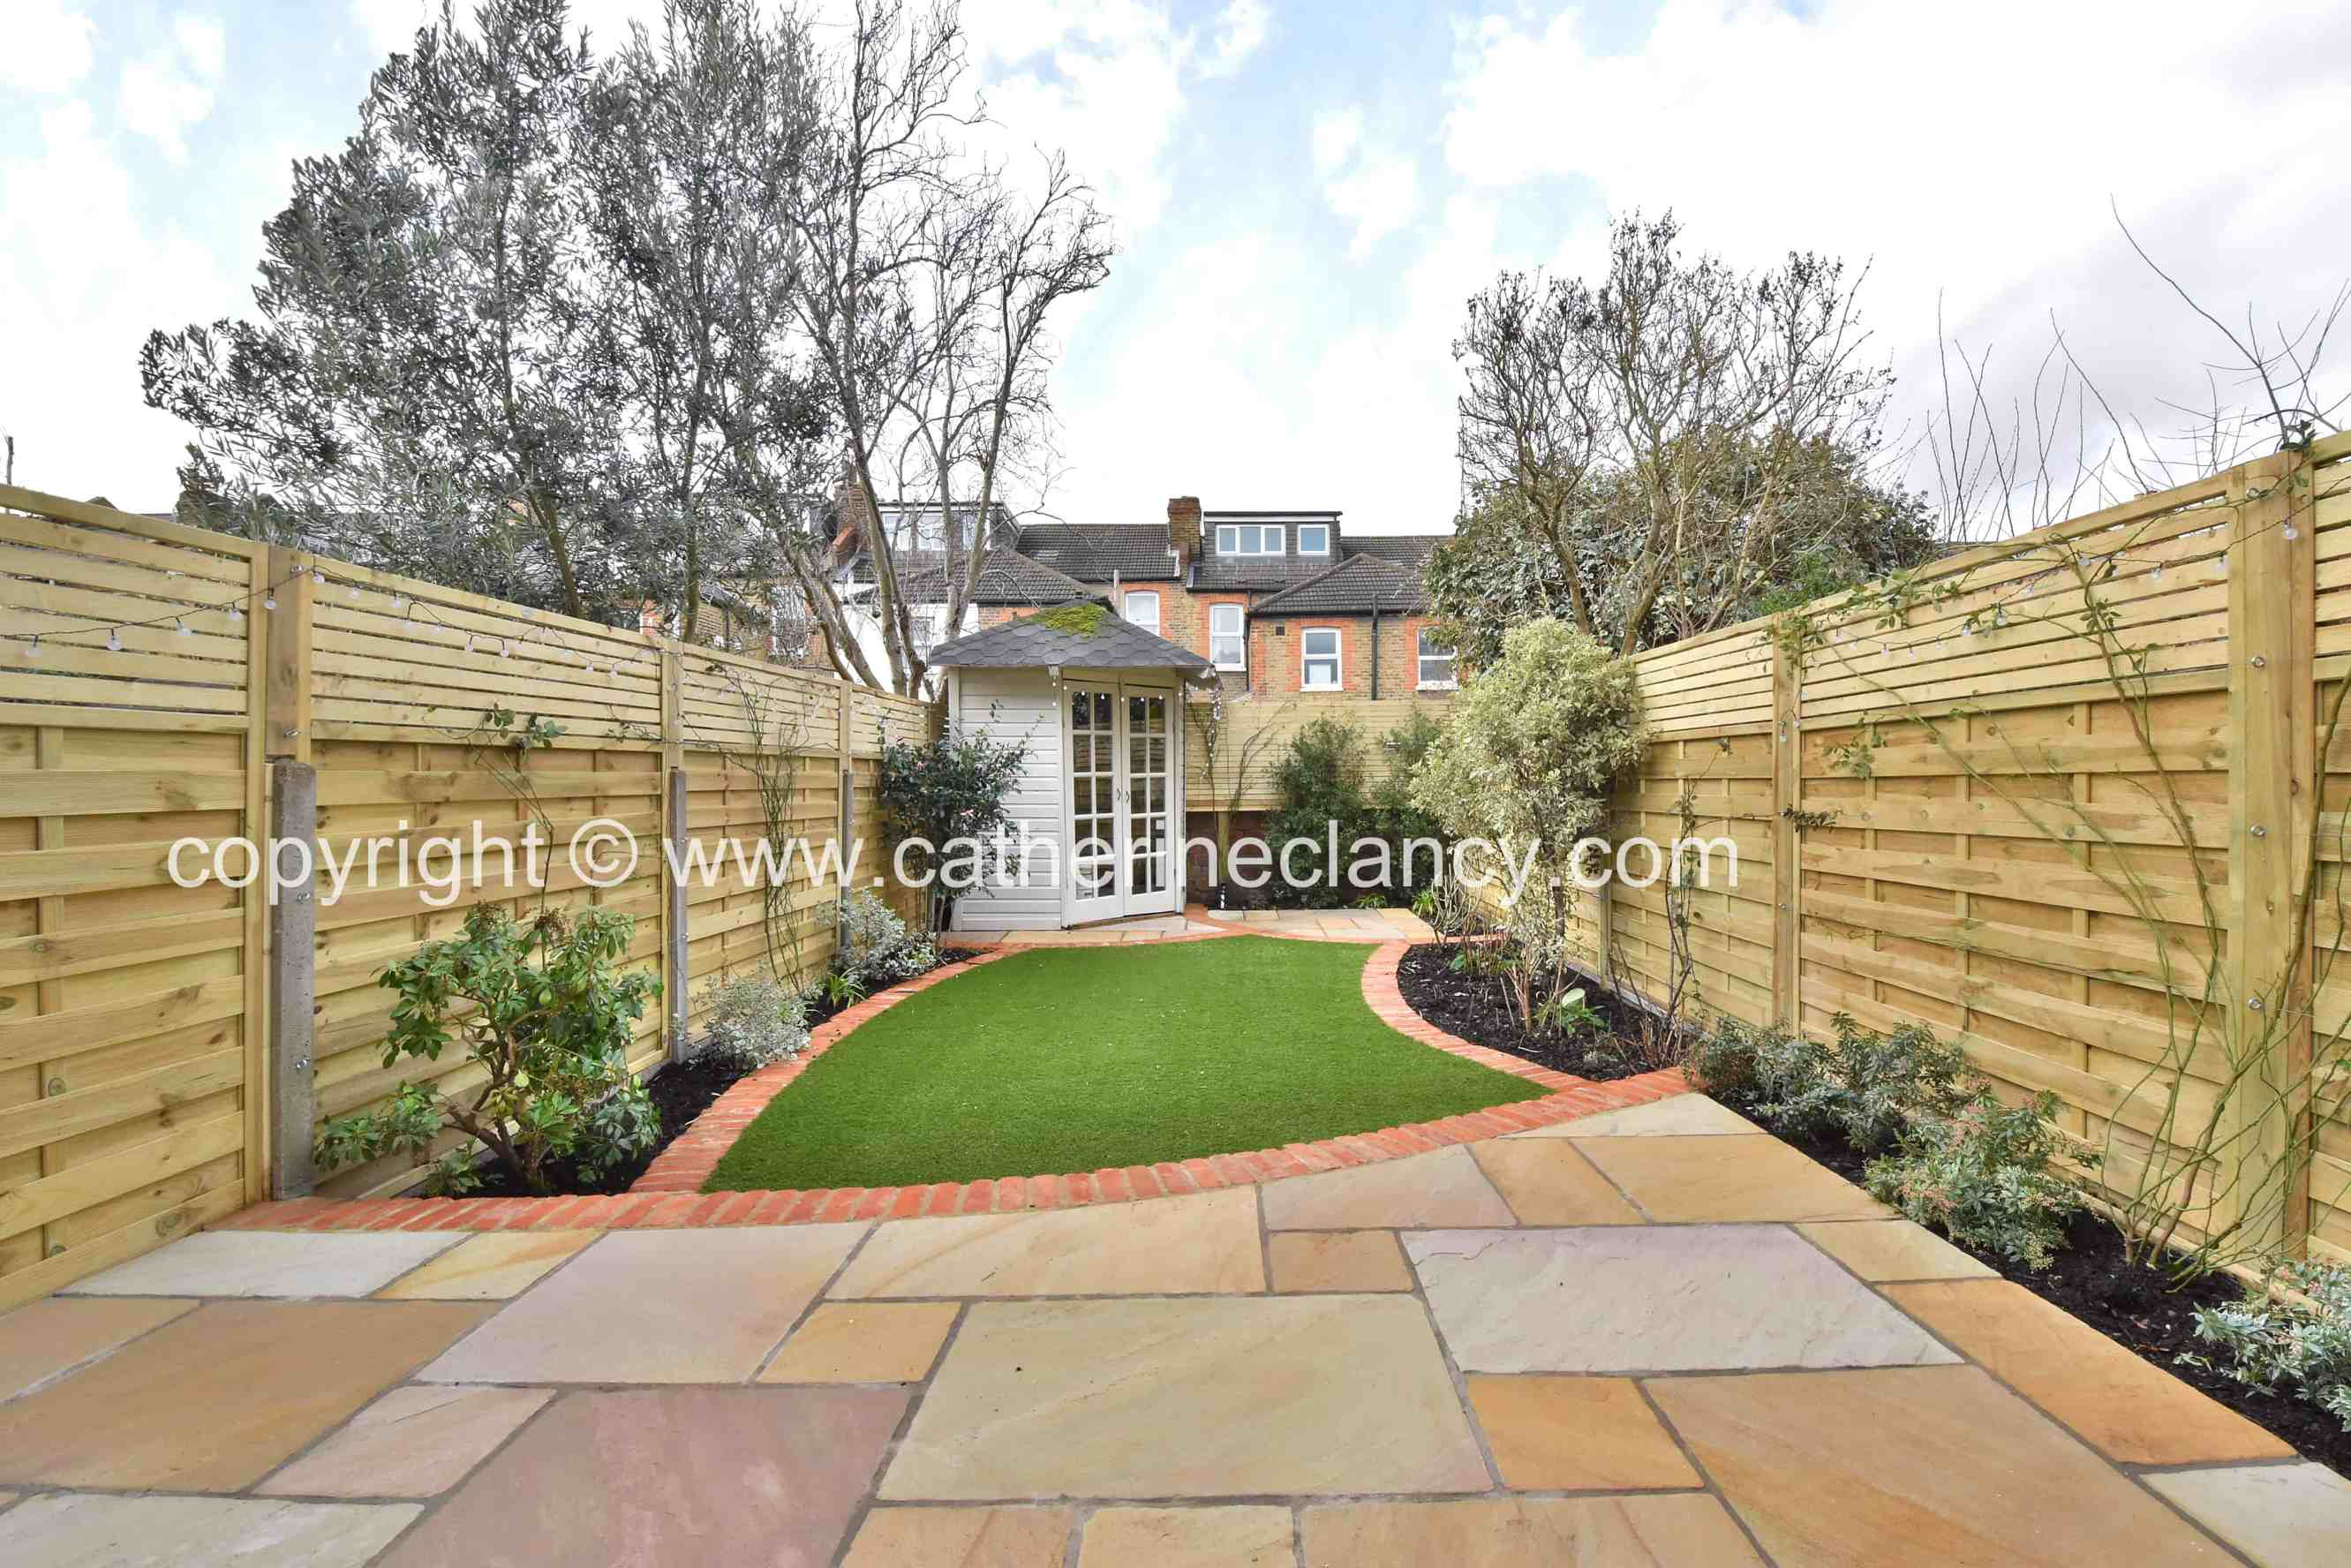 brockley garden just completed